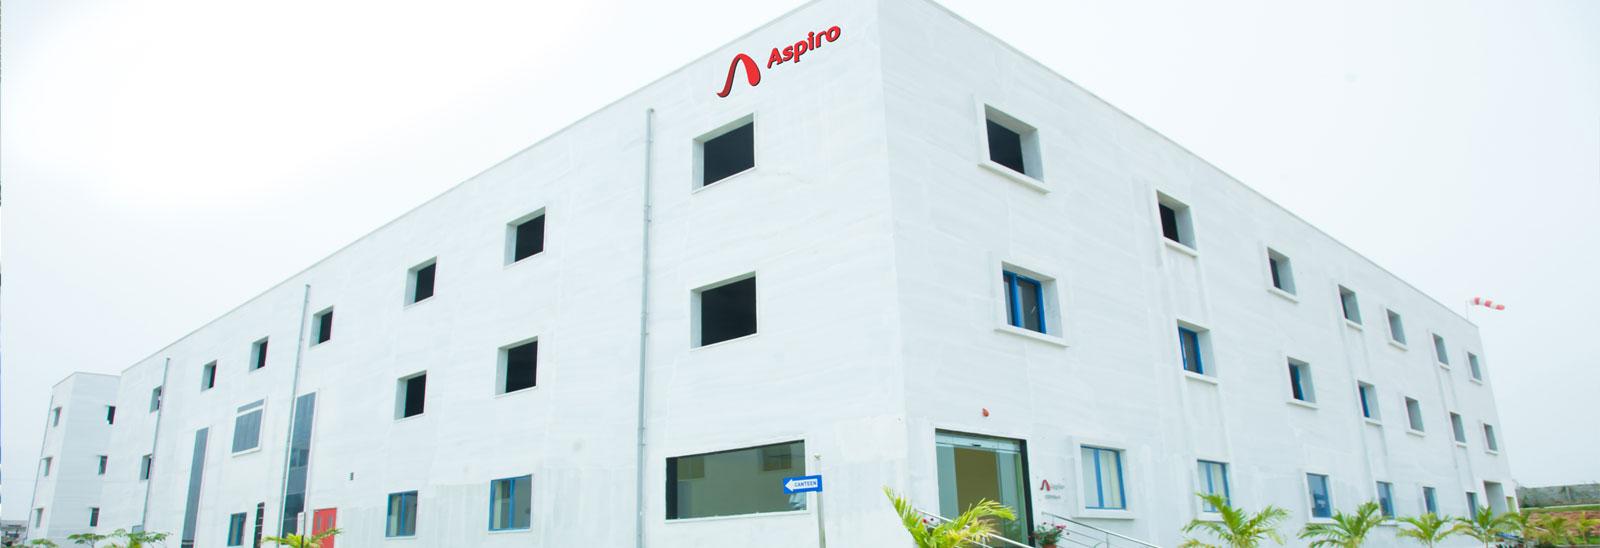 Aspiro Pharma